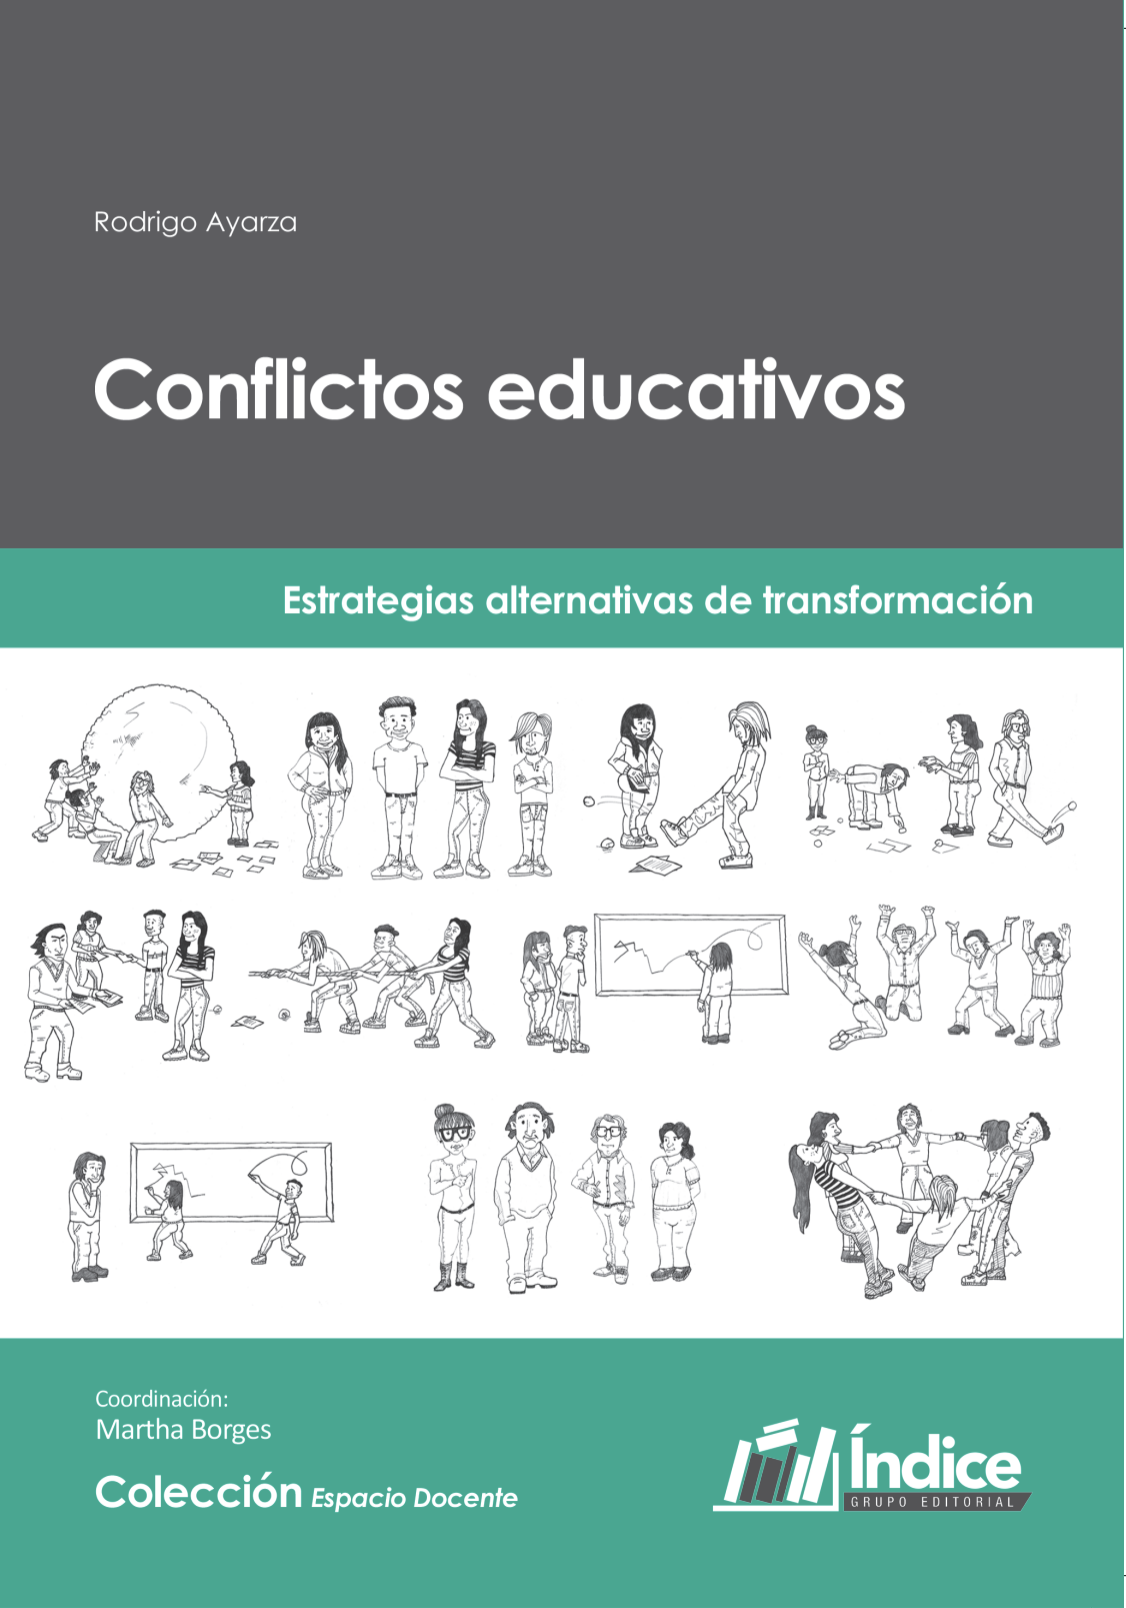 Estrategias que pueden utilizar los docentes de todas las áreas y niveles, equipos de dirección, en la búsqueda de soluciones. - Cuando importa consolidar el cuidado de la convivencia.